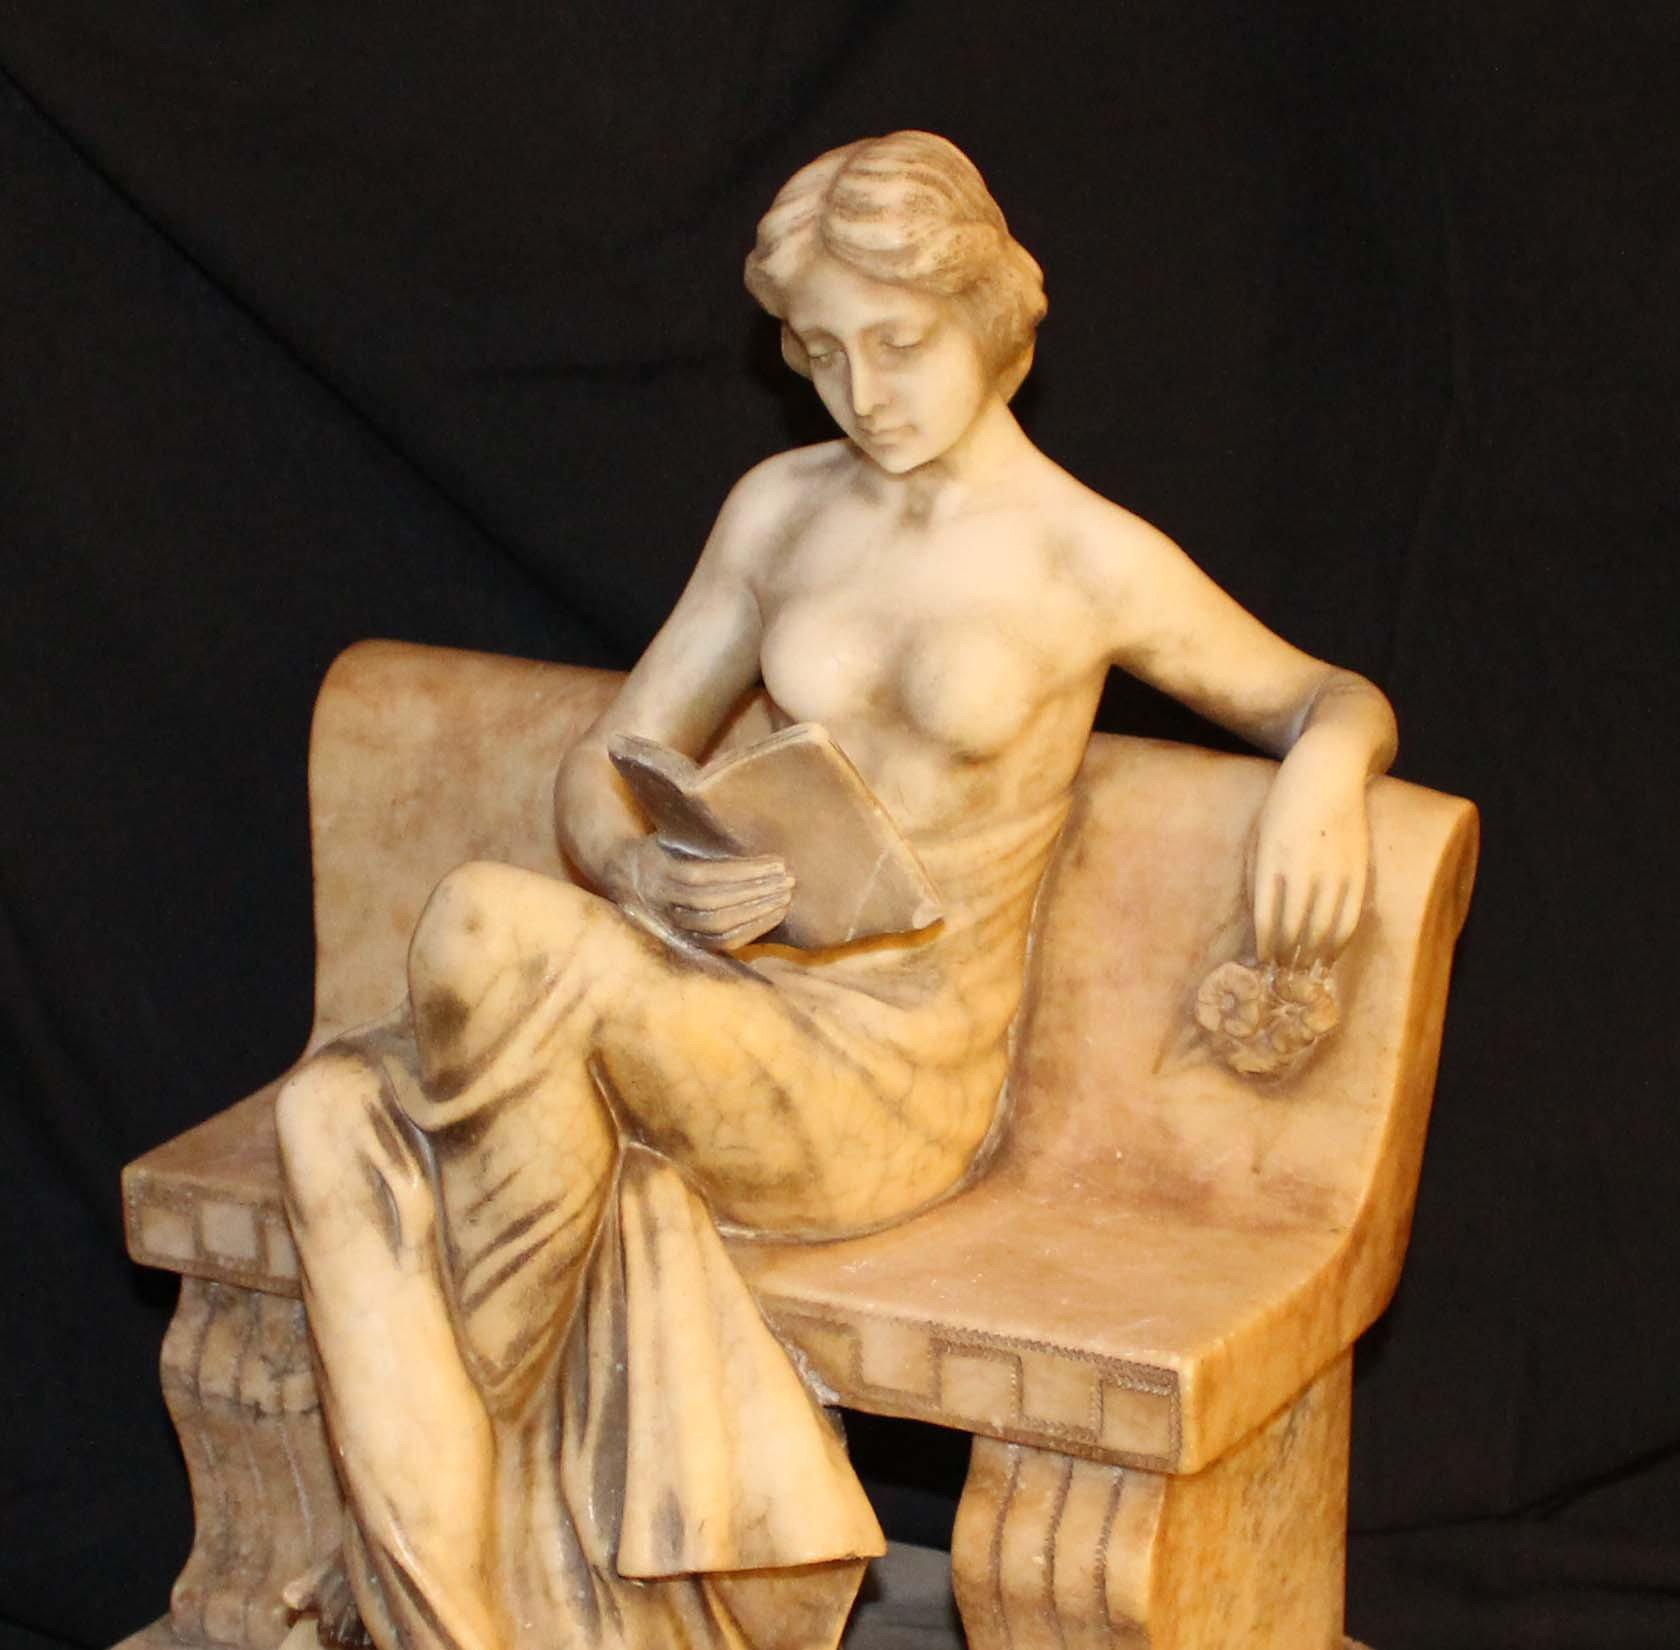 galerie-bosetti-antiquites sculpture marbre partie haute